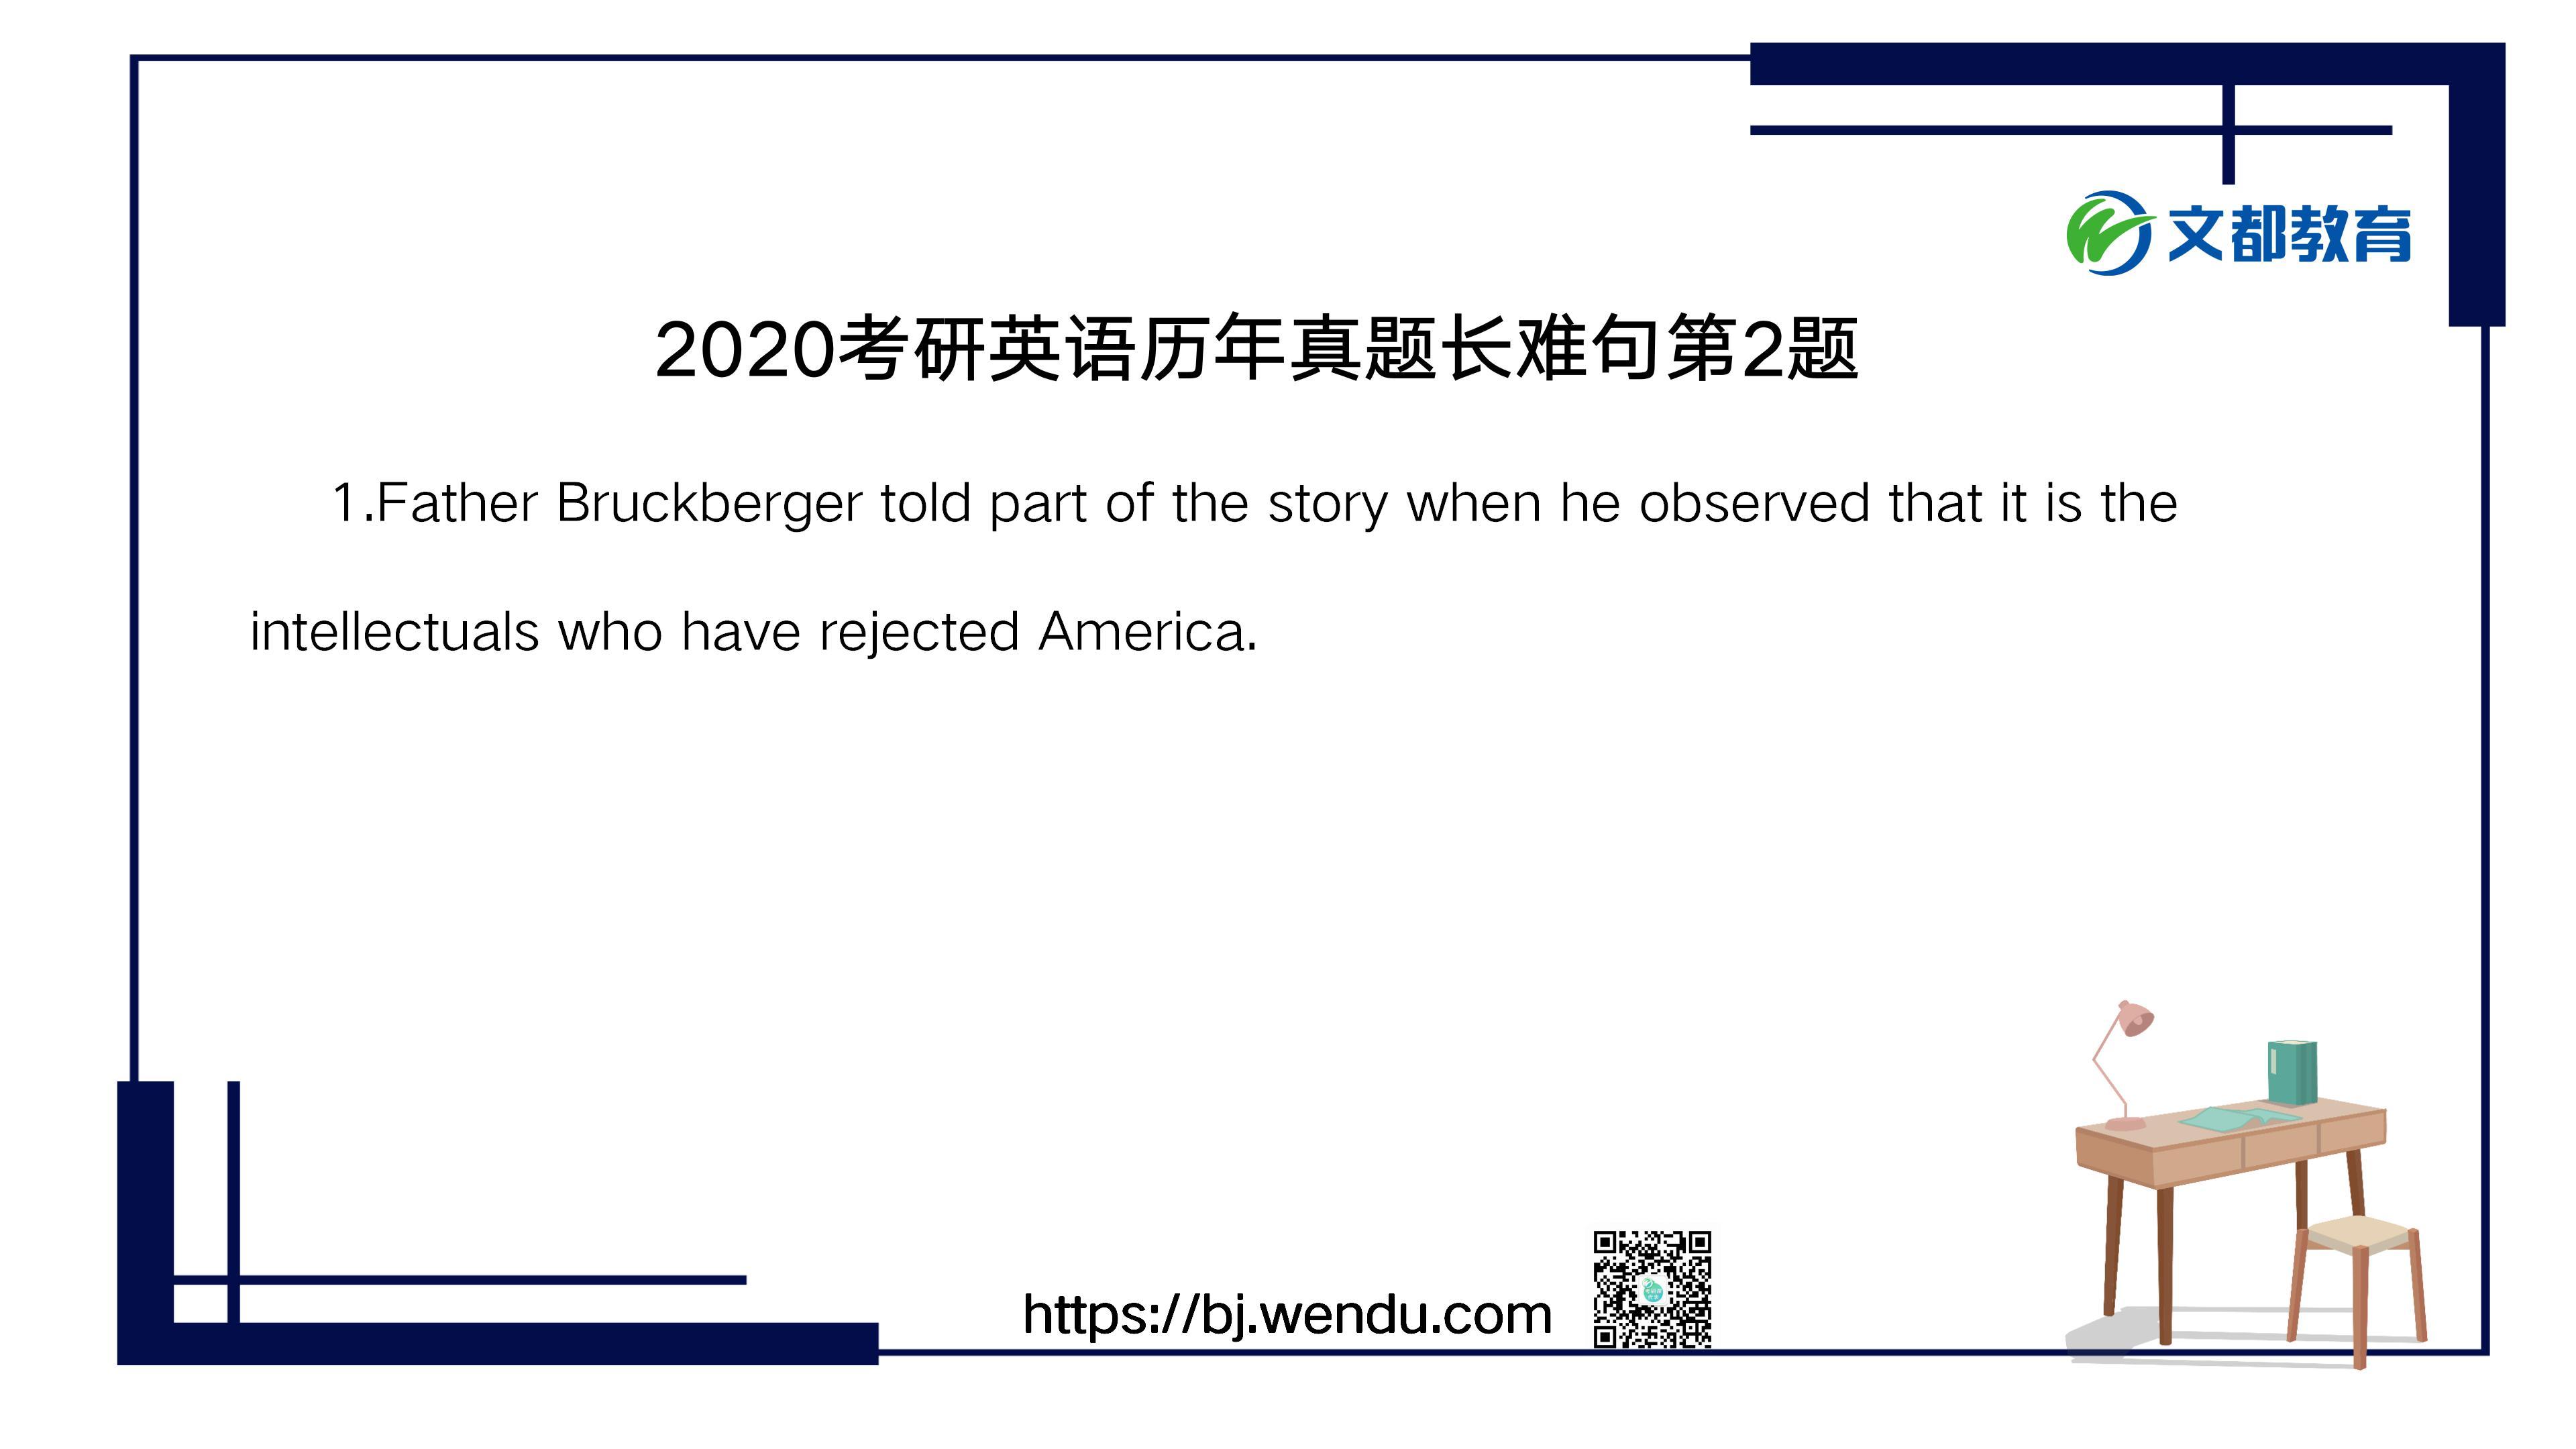 2020考研英语历年真题长难句第2题